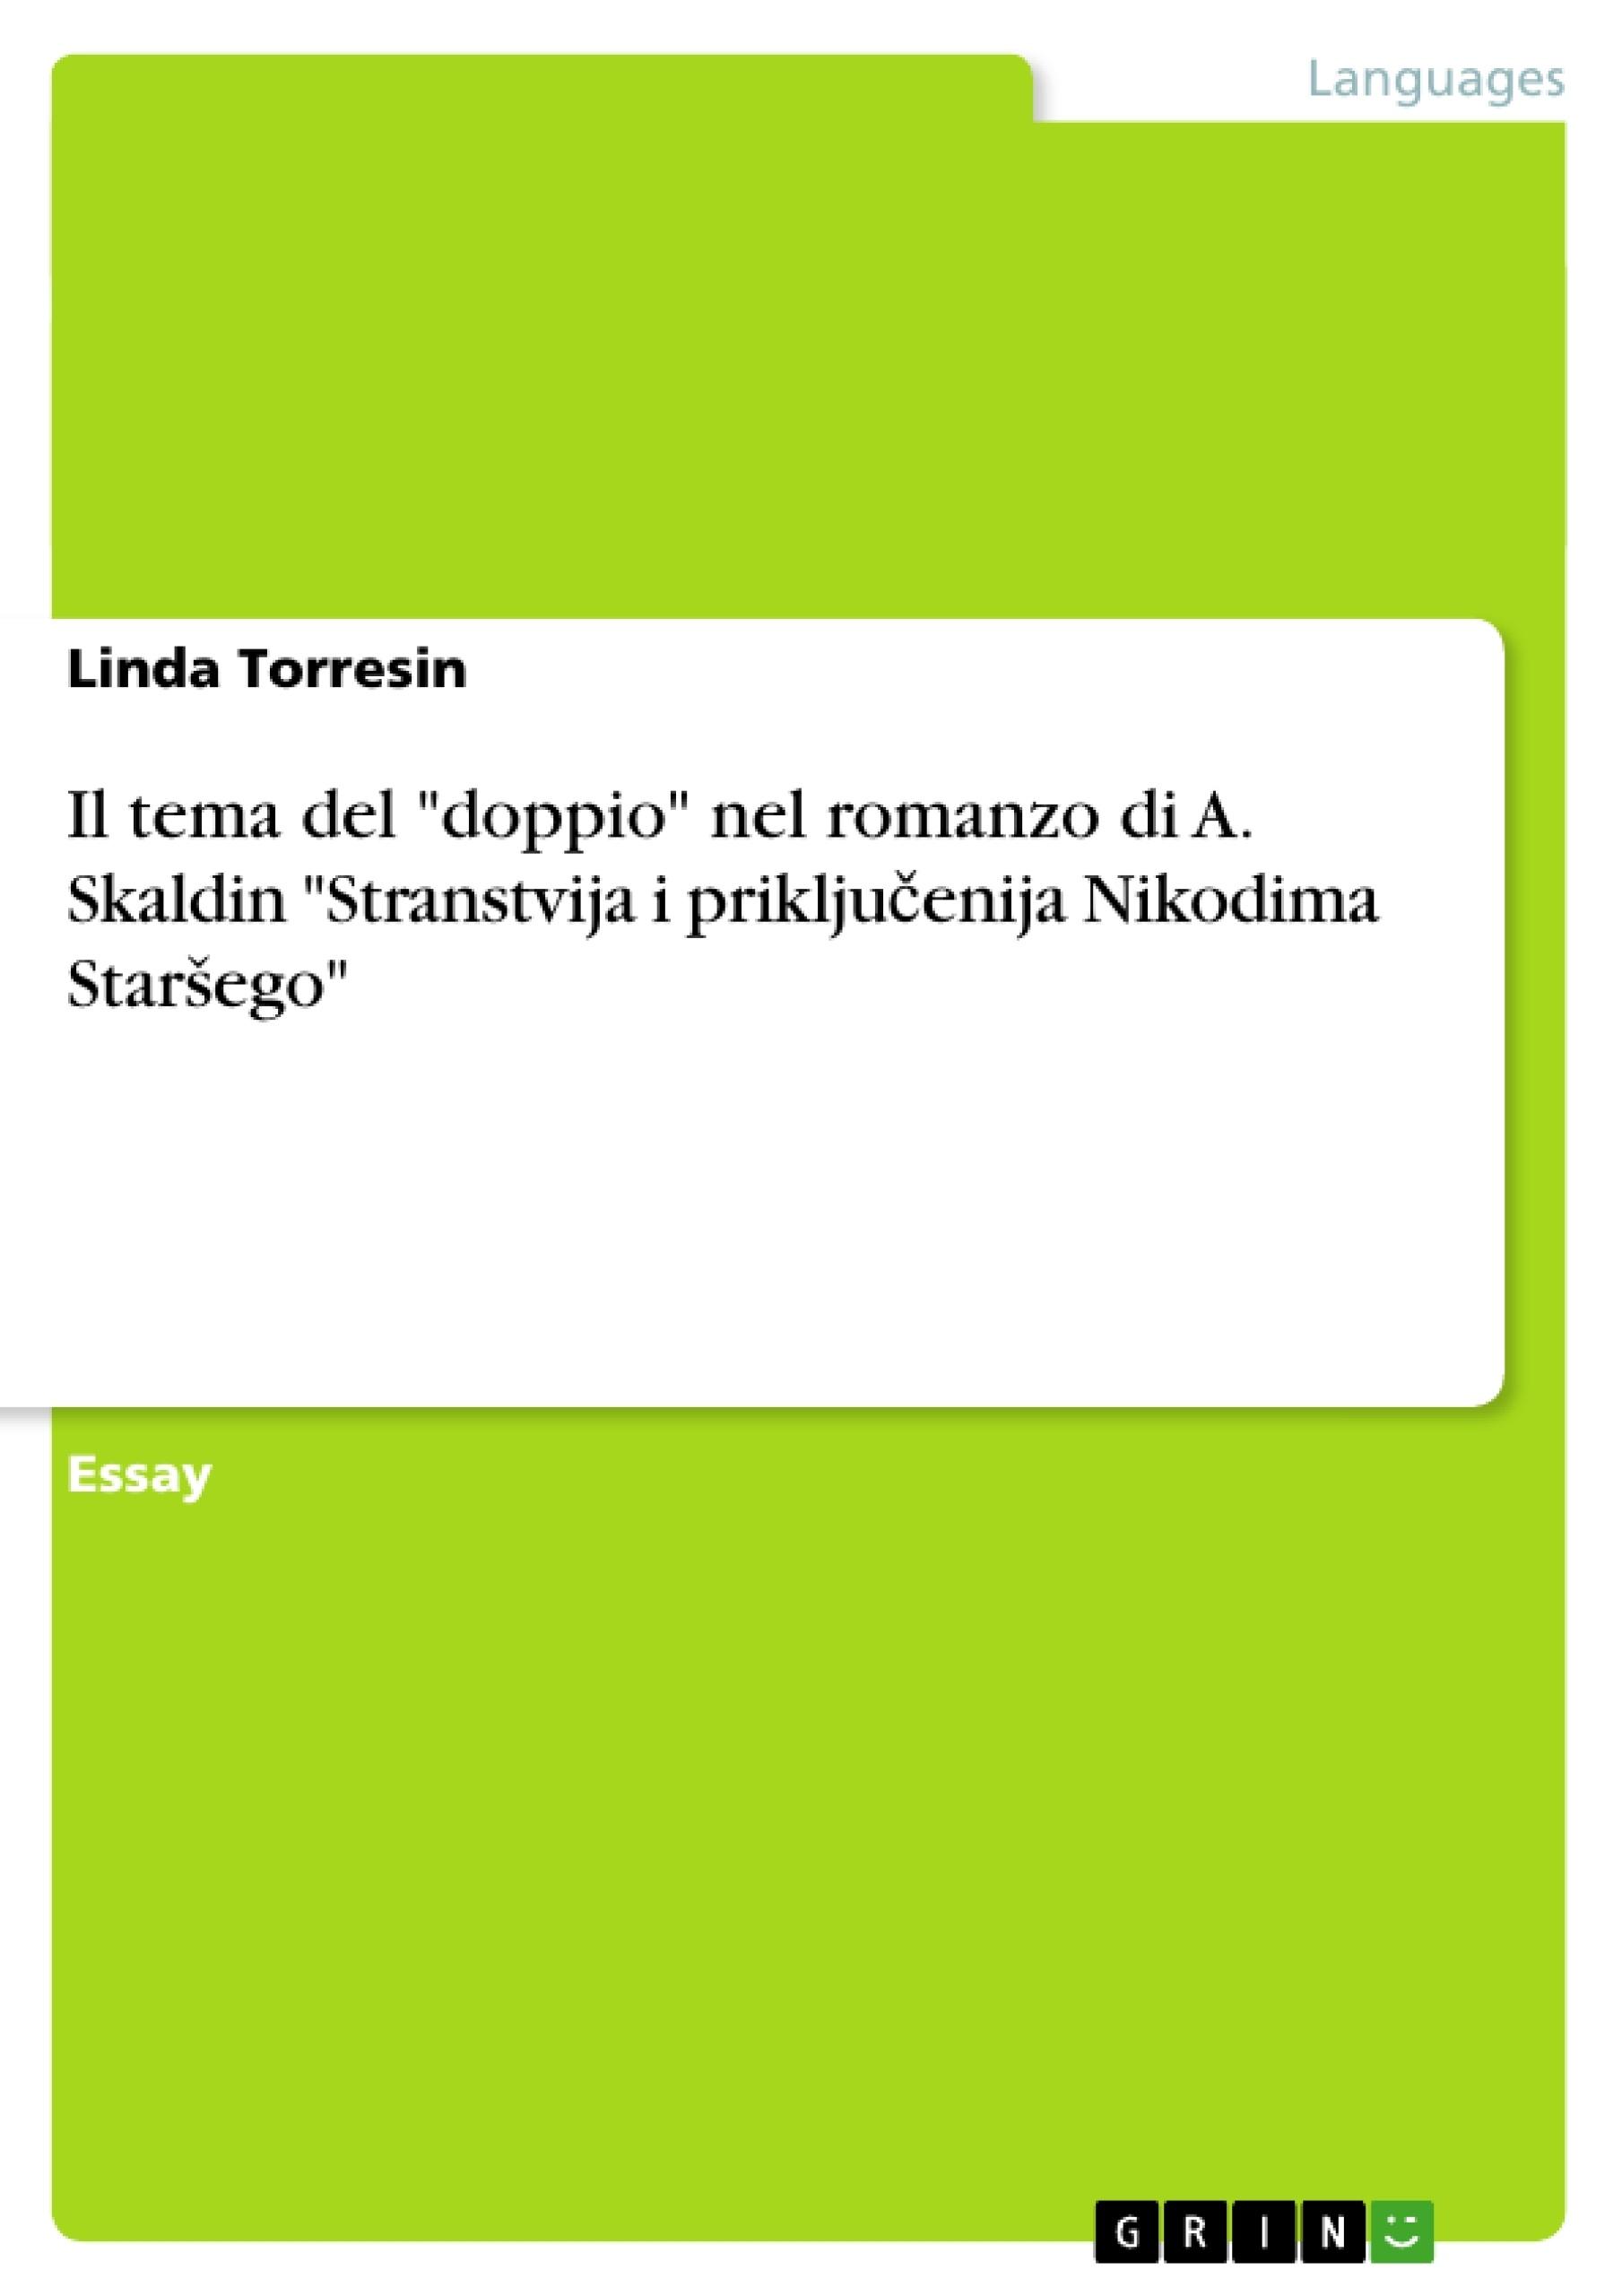 """Title: Il tema del """"doppio"""" nel romanzo di A. Skaldin """"Stranstvija i priključenija Nikodima Staršego"""""""